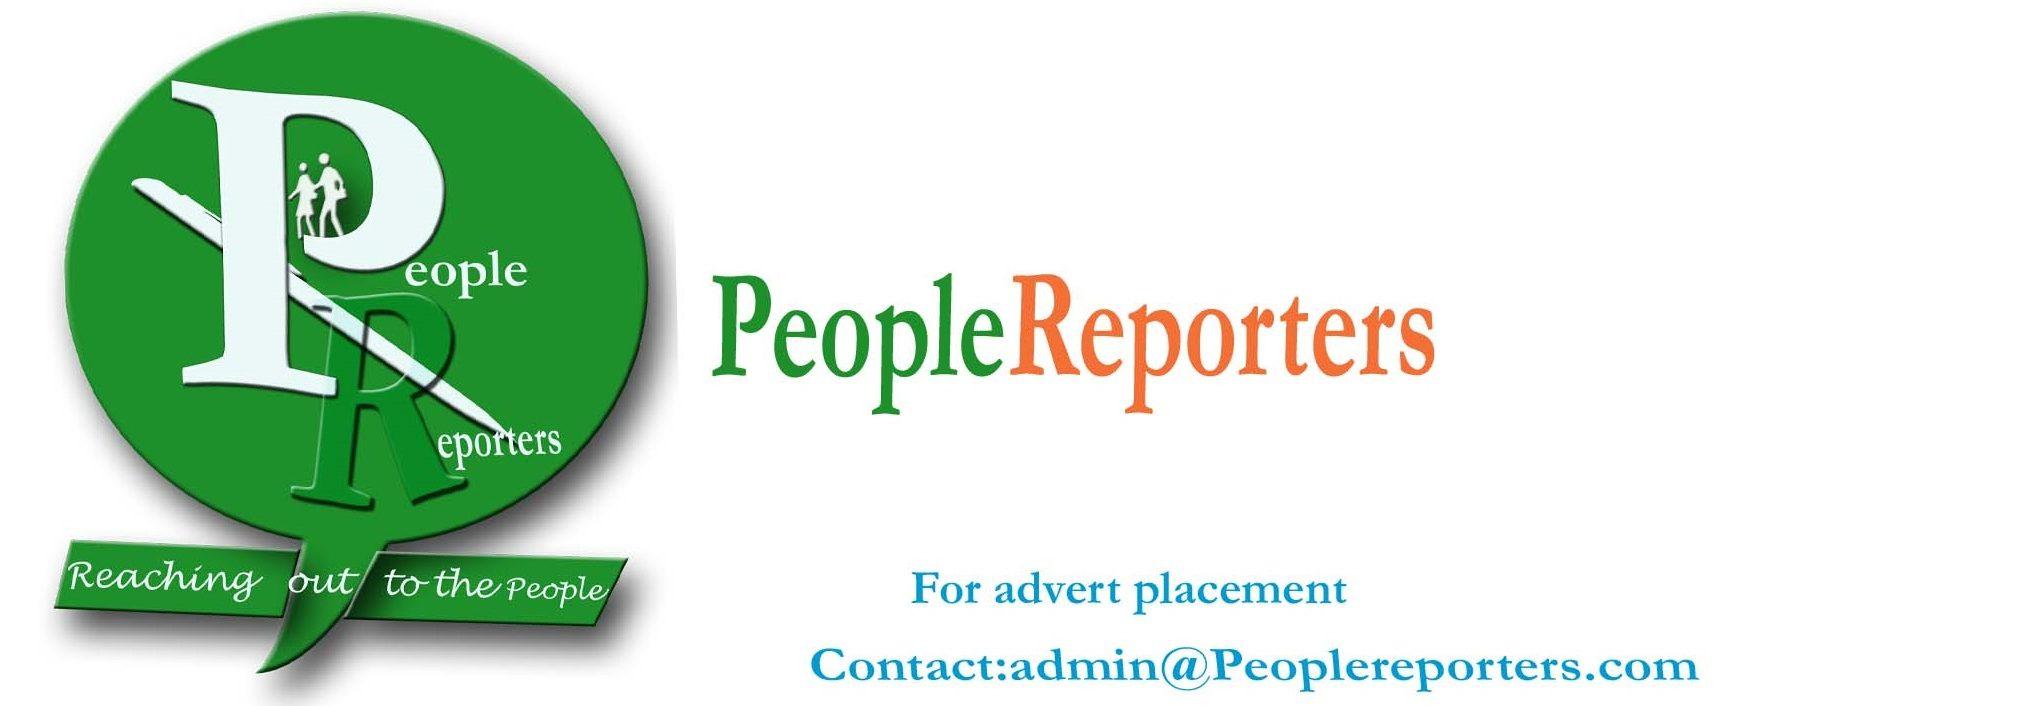 PeopleReporters.com